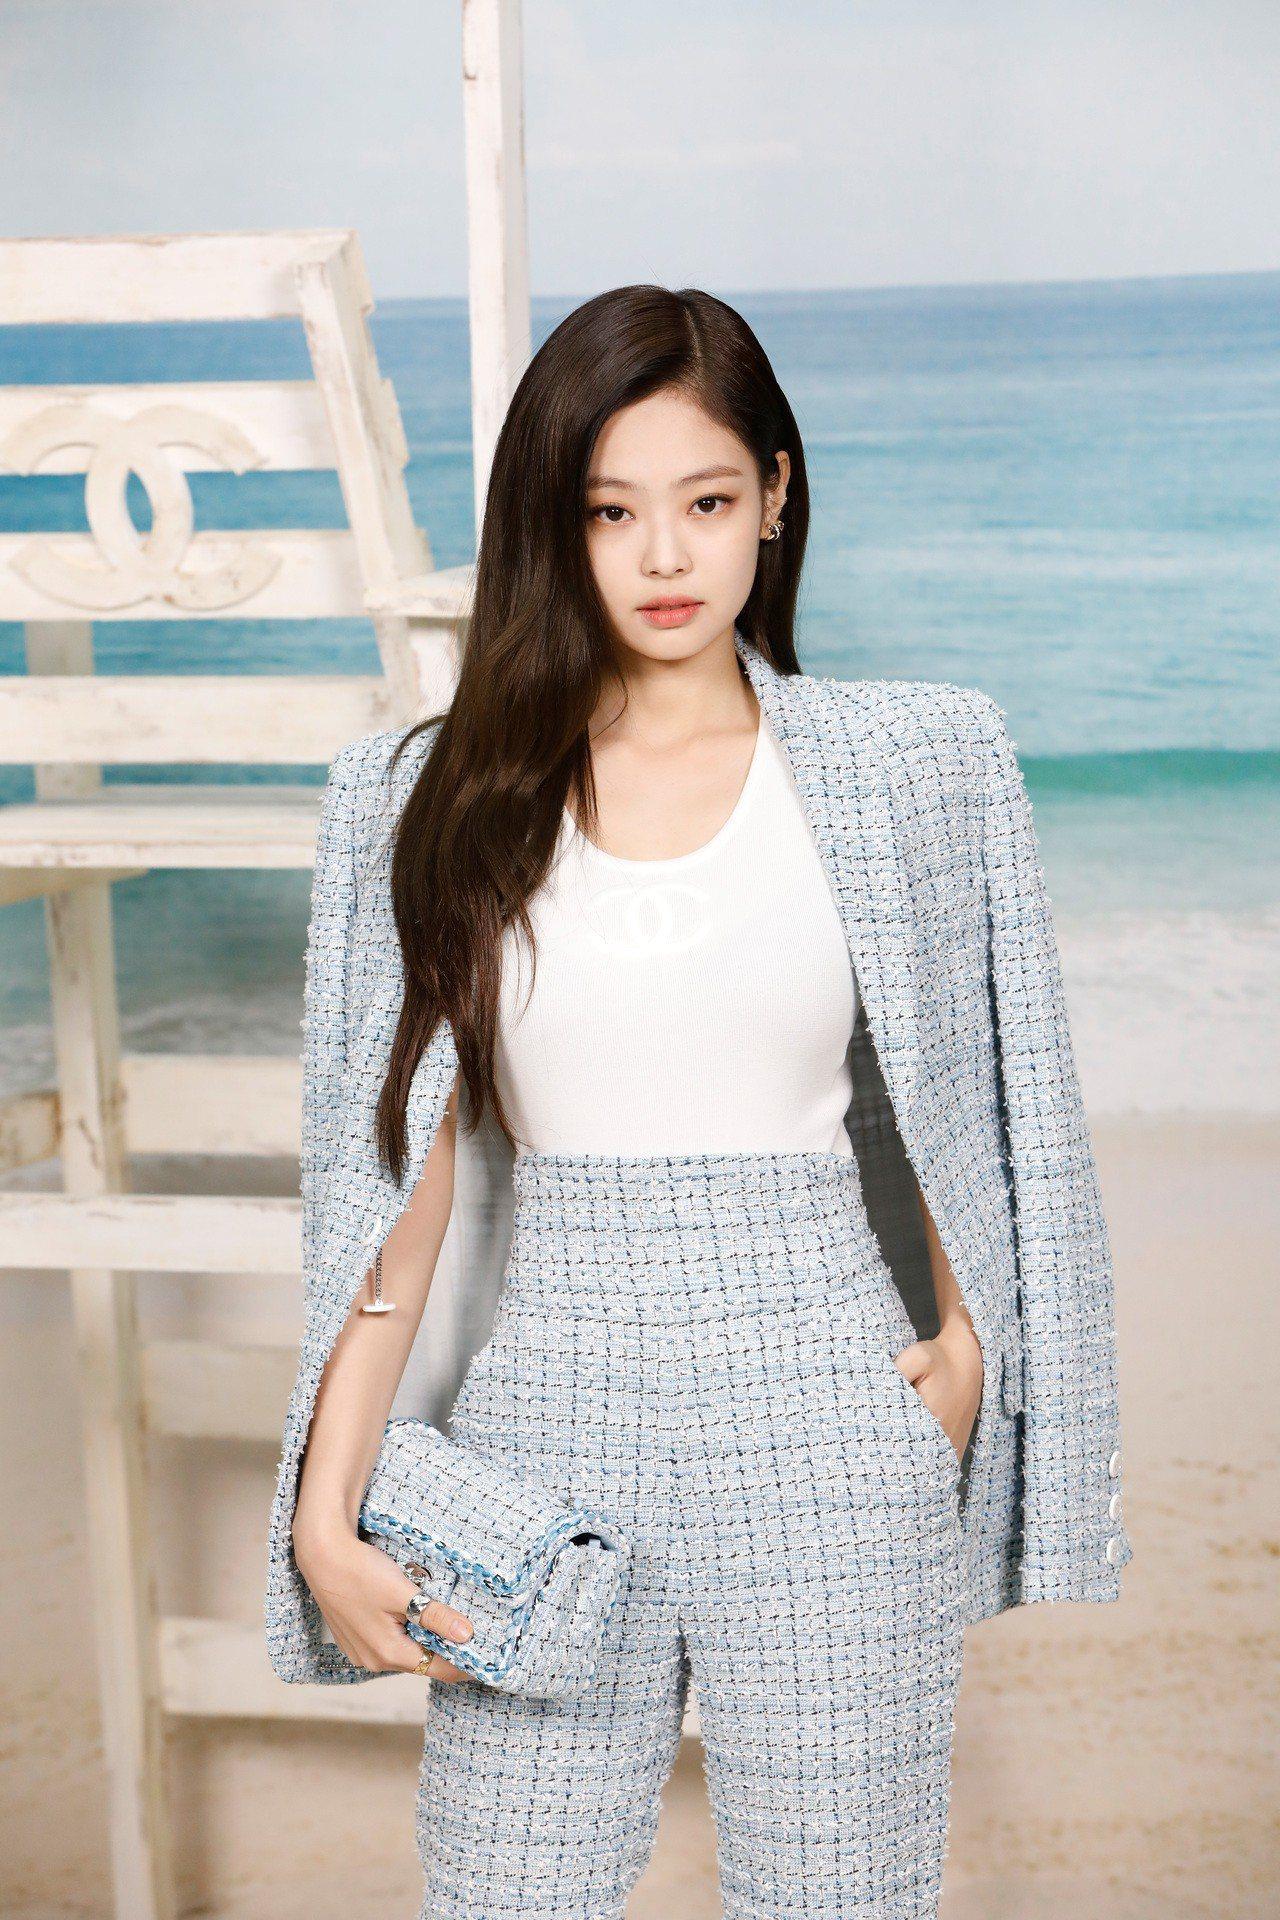 韓國女星Jennie KIM前陣子也以一模一樣的造型現身香奈兒2019春夏秀。圖...